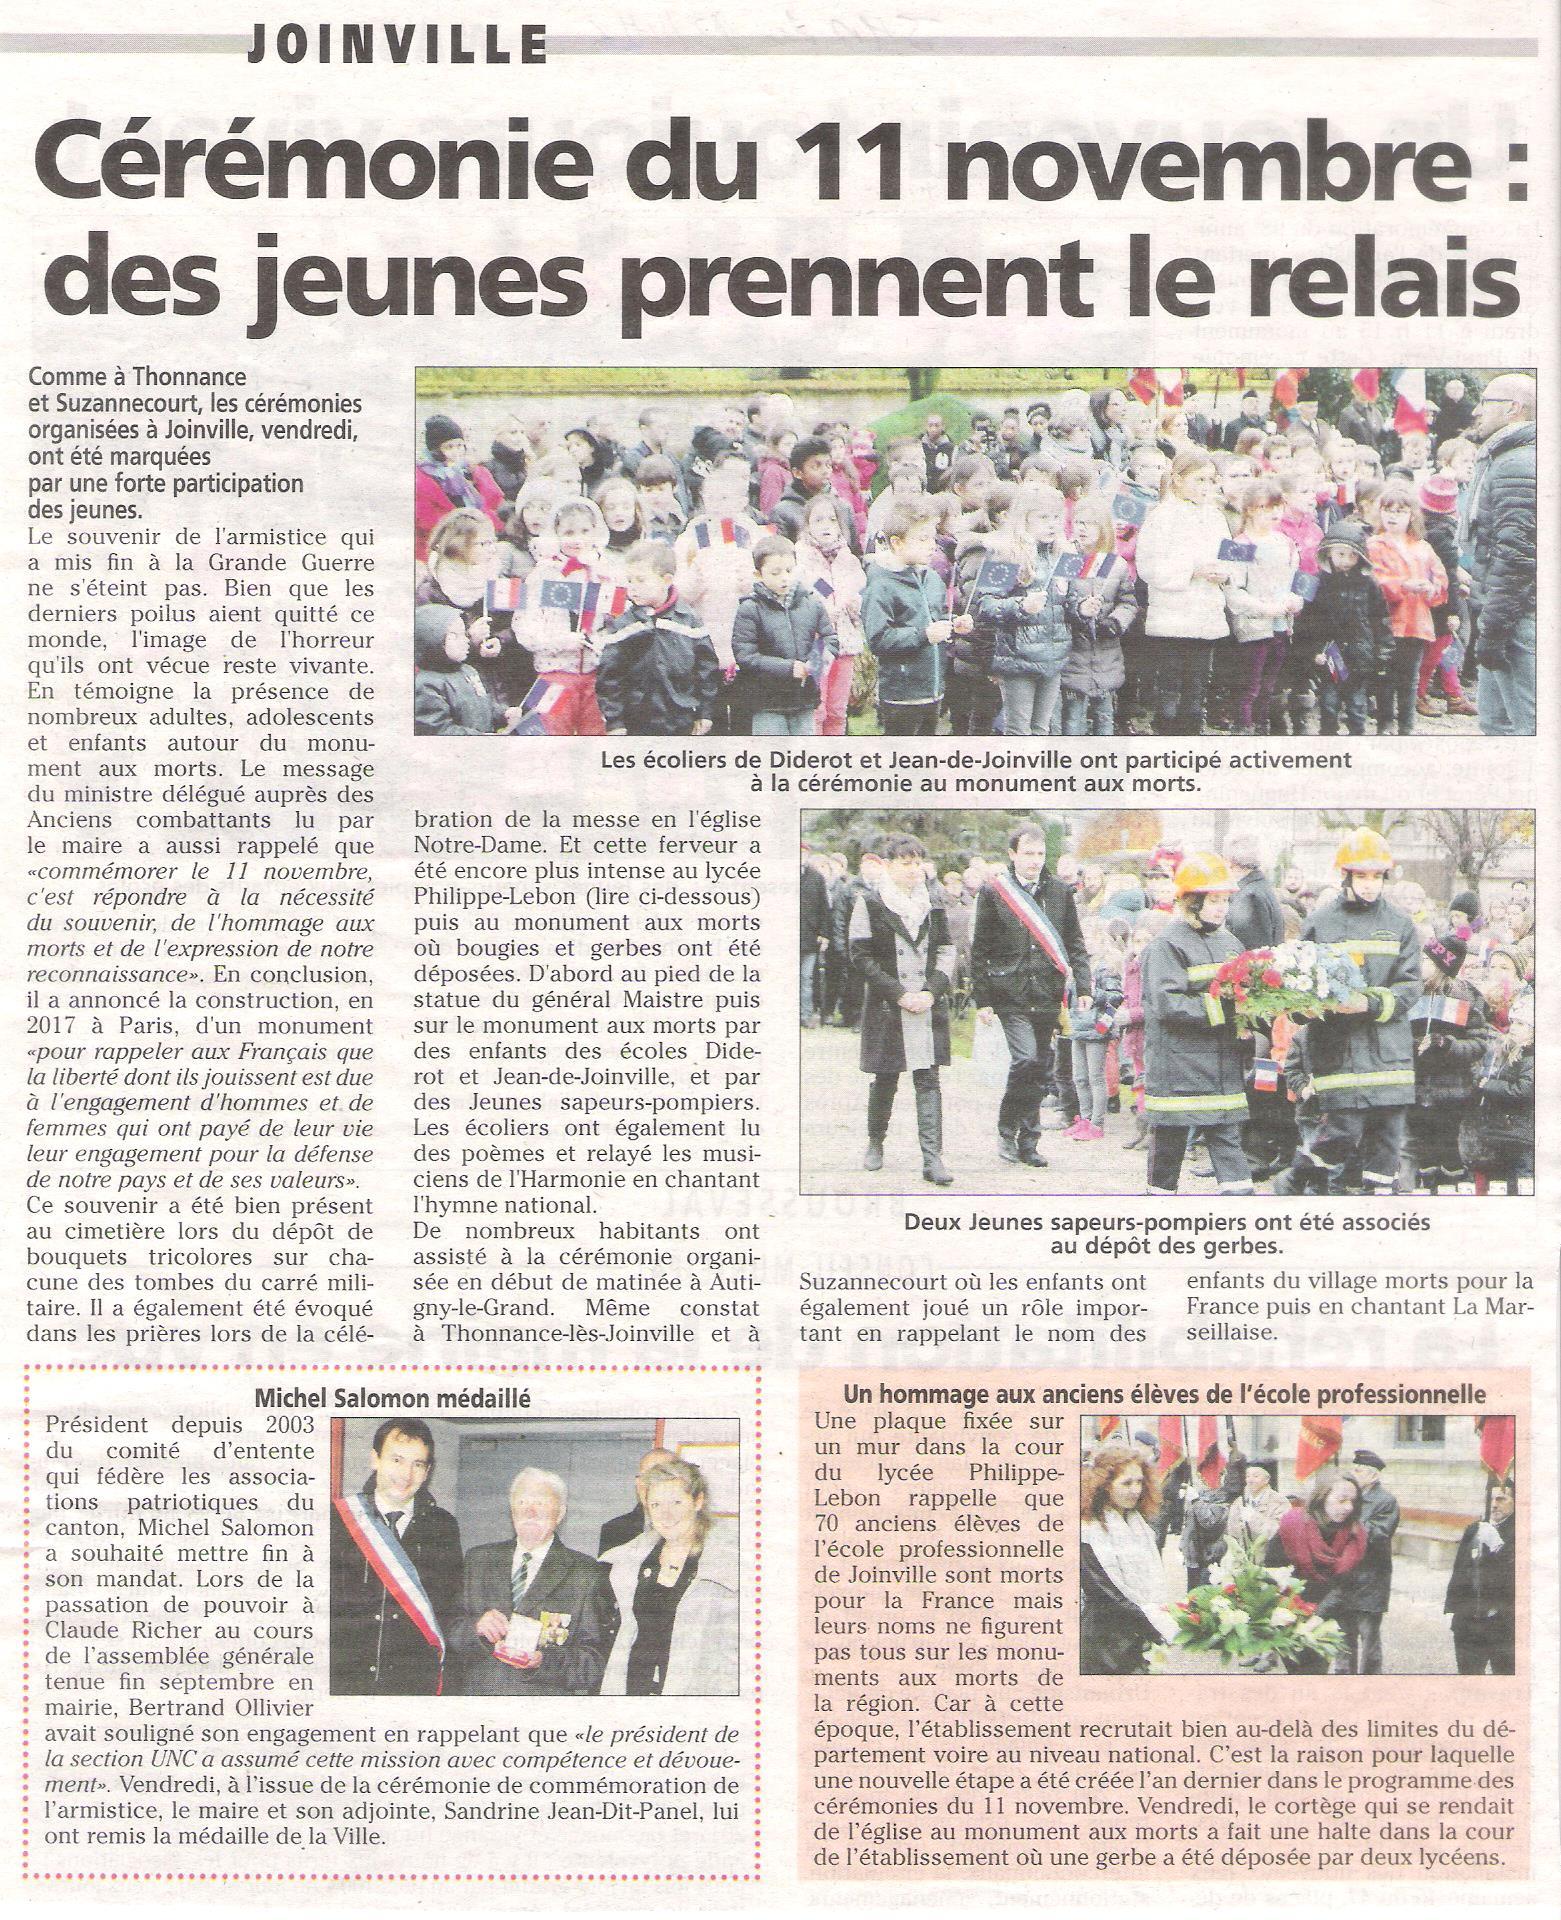 ceremonies-du-11-novembre